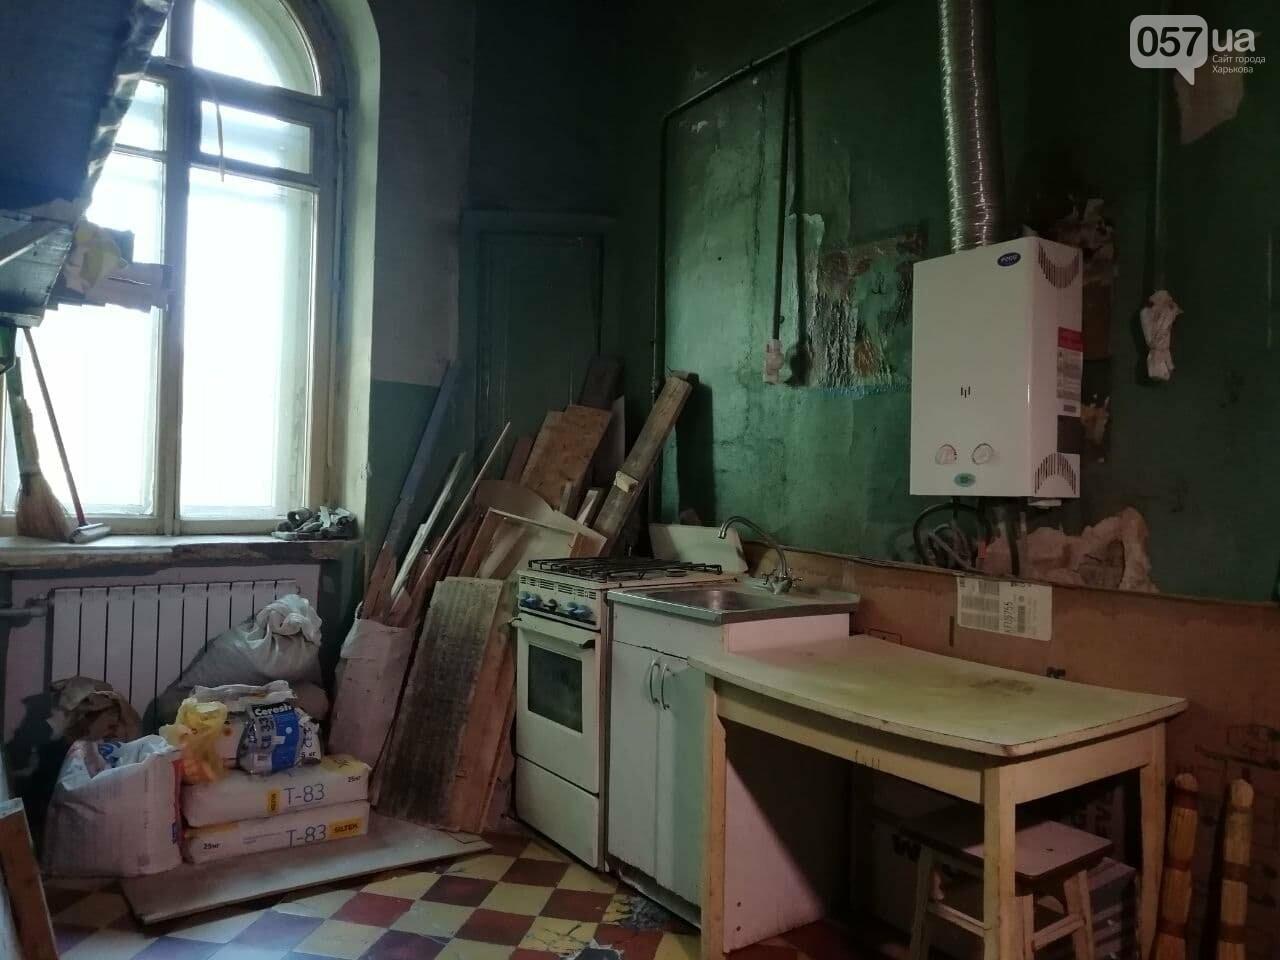 Квартира Шевелева в центра Харькова стала творческой резиденцией, - ФОТО, ВИДЕО, фото-10